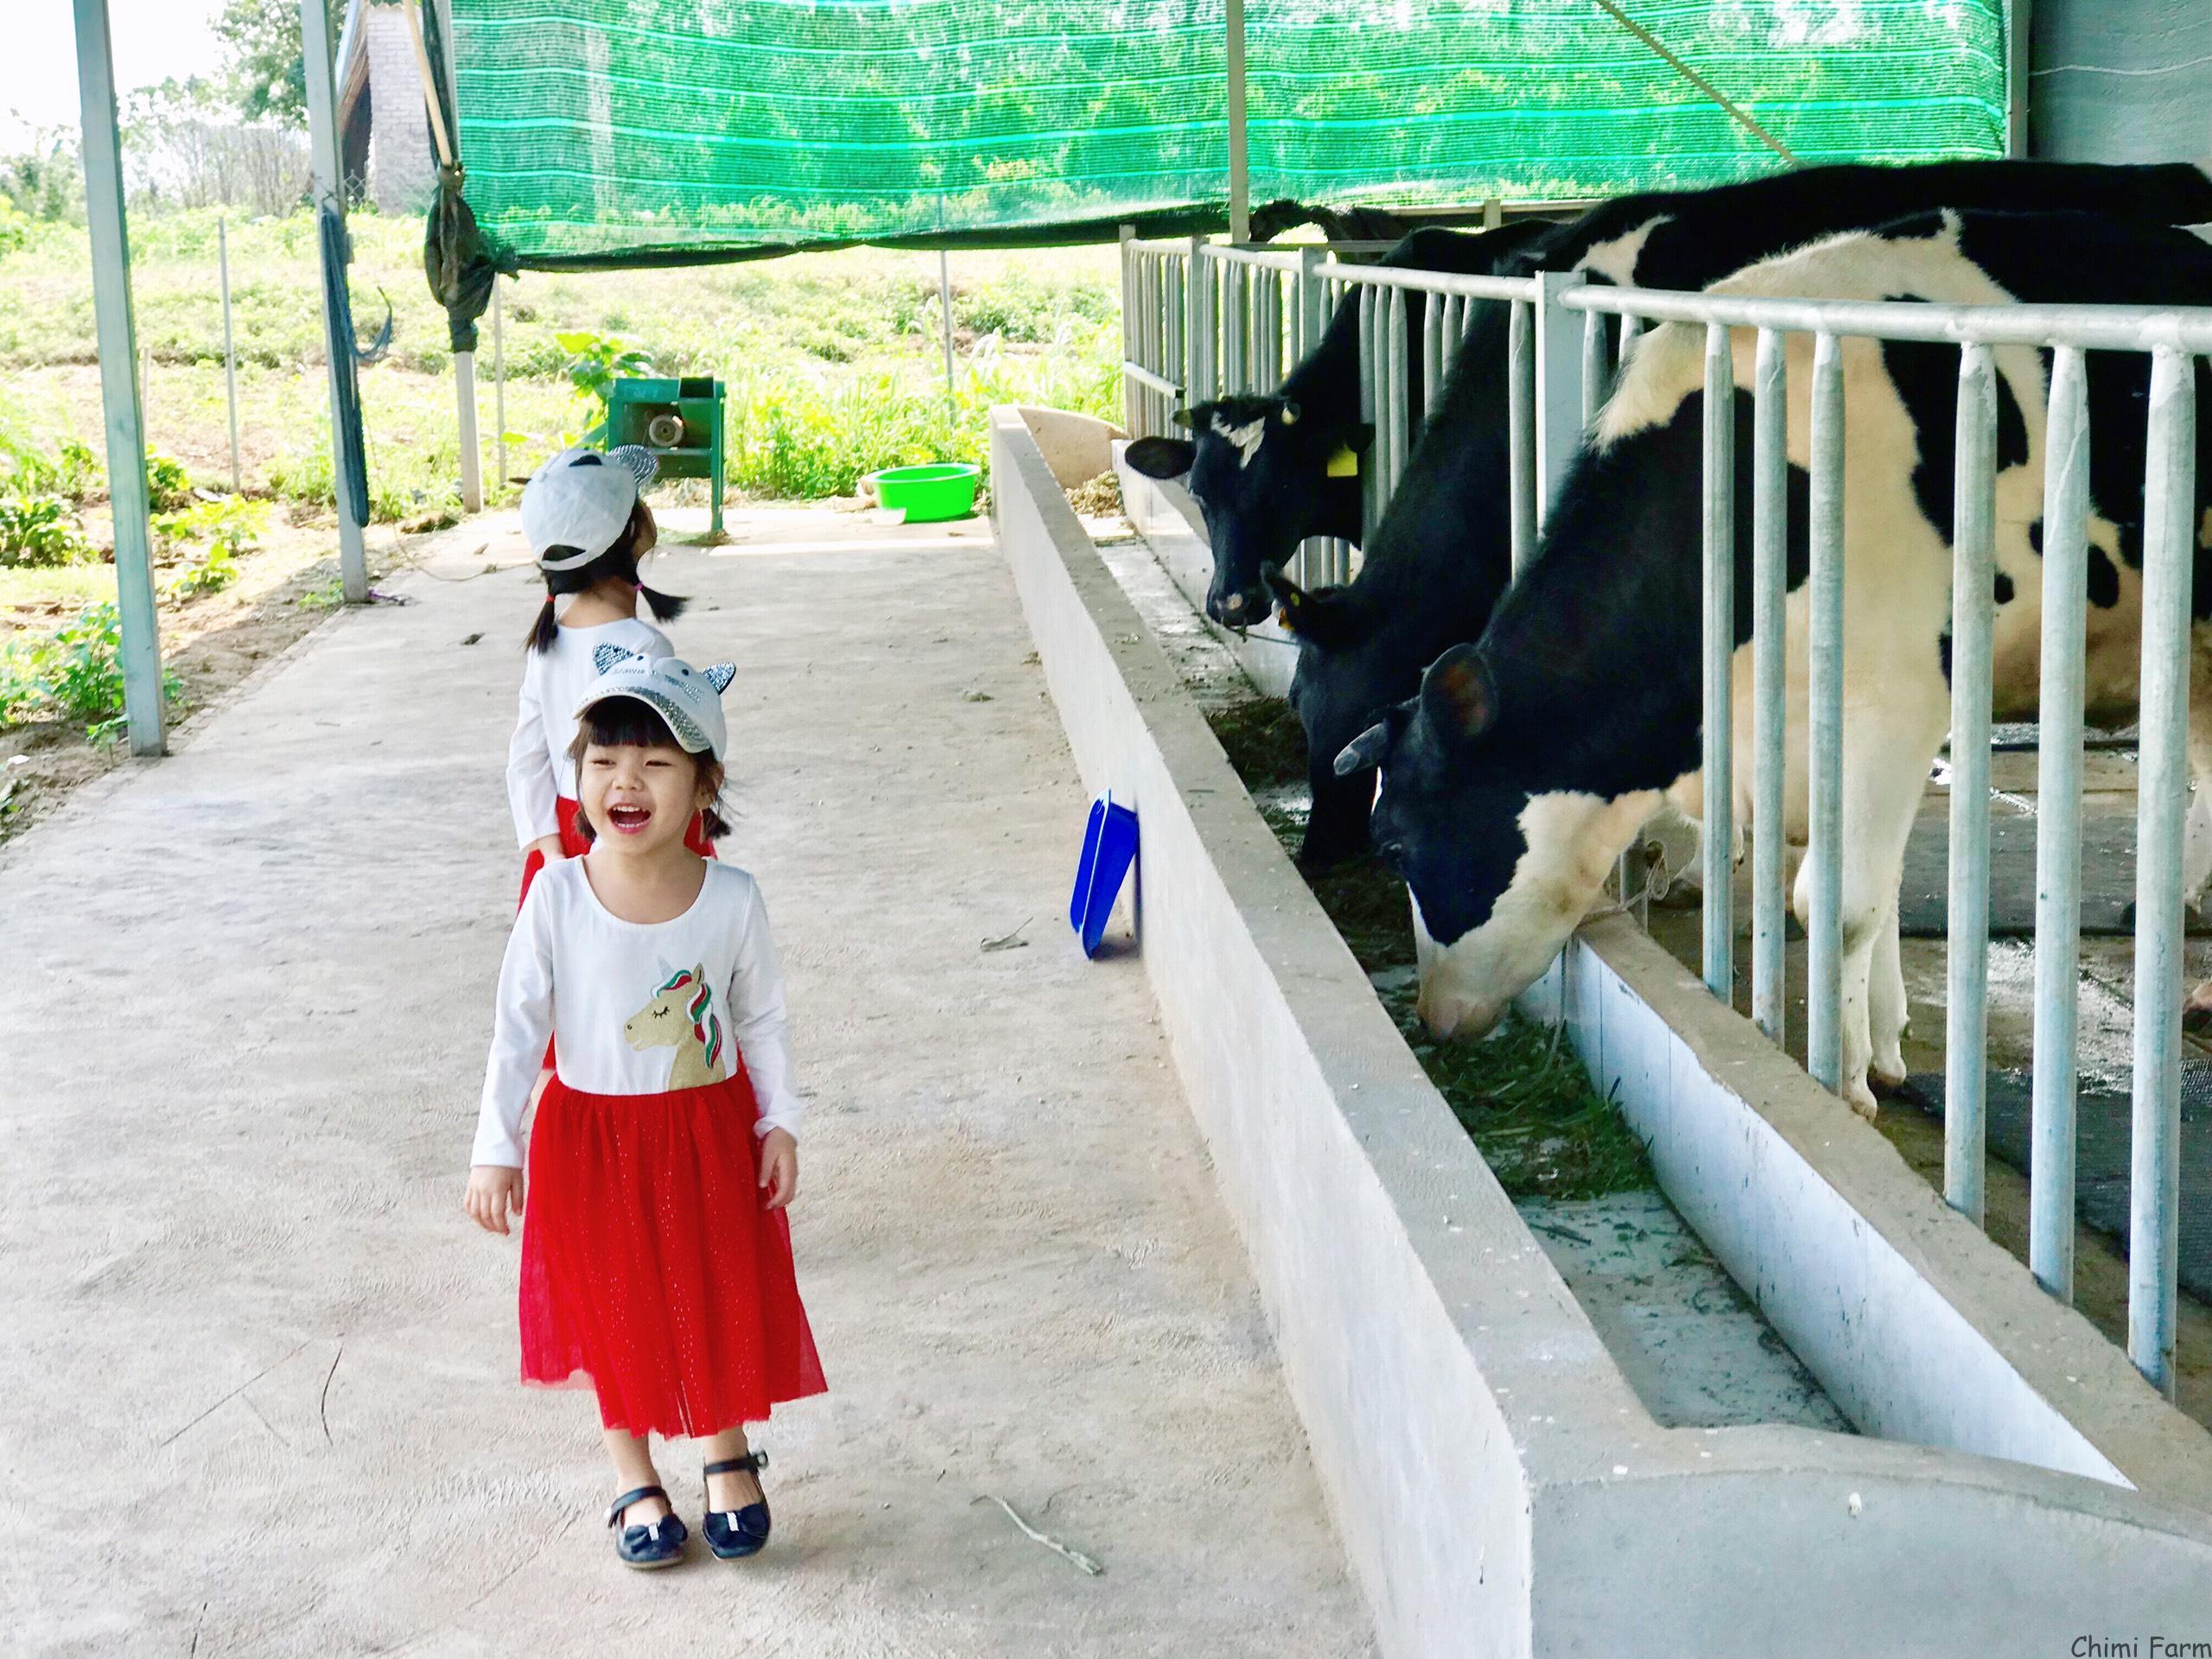 Các bé rất thích thú khi được trải nghiệm cho bò sữa ăn cỏ